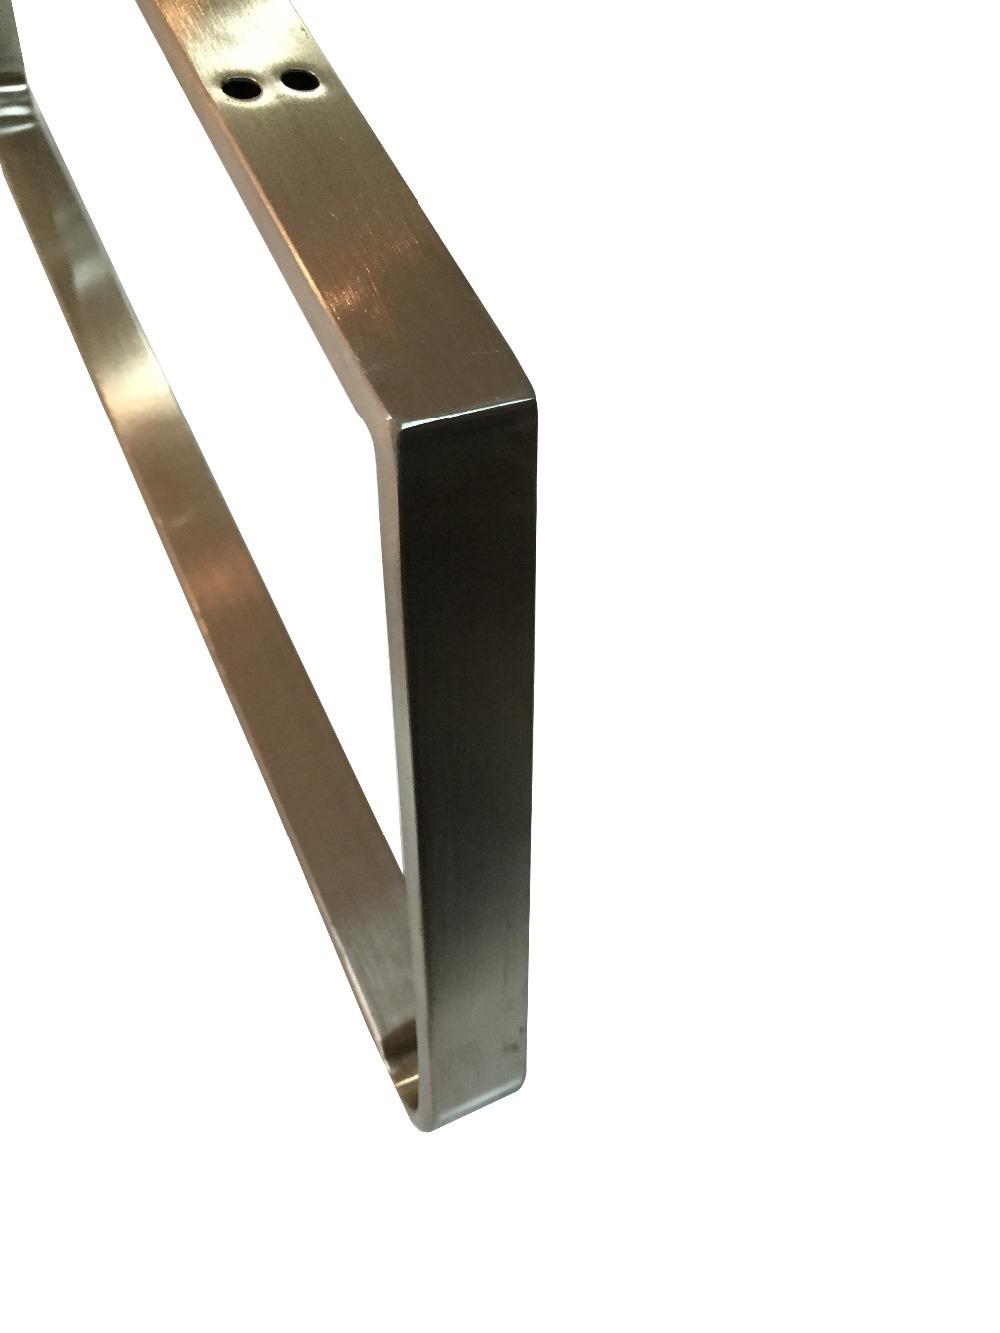 Modern Metal Brushed Steel Furniture Legs Chair Legs Buy